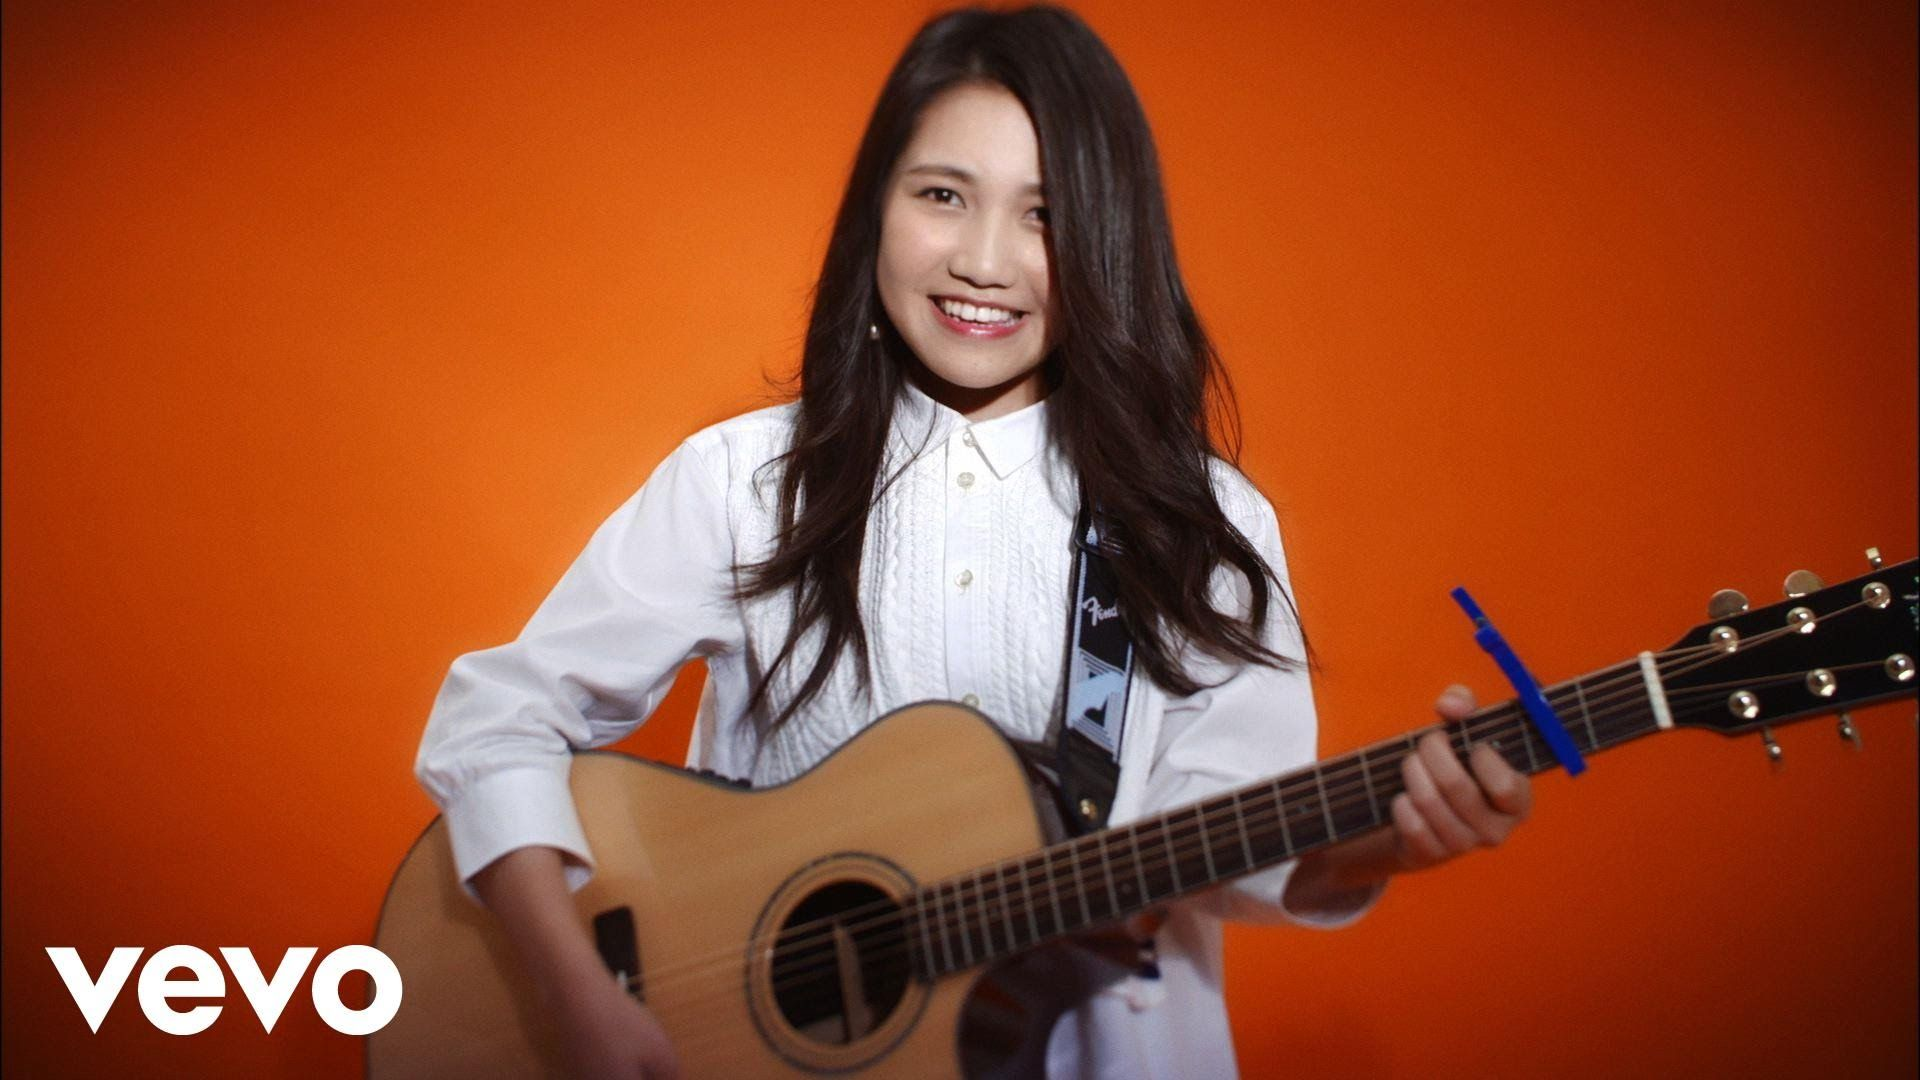 井上苑子 Inoue Sonoko ふたり Music Video Movie Musicvideo